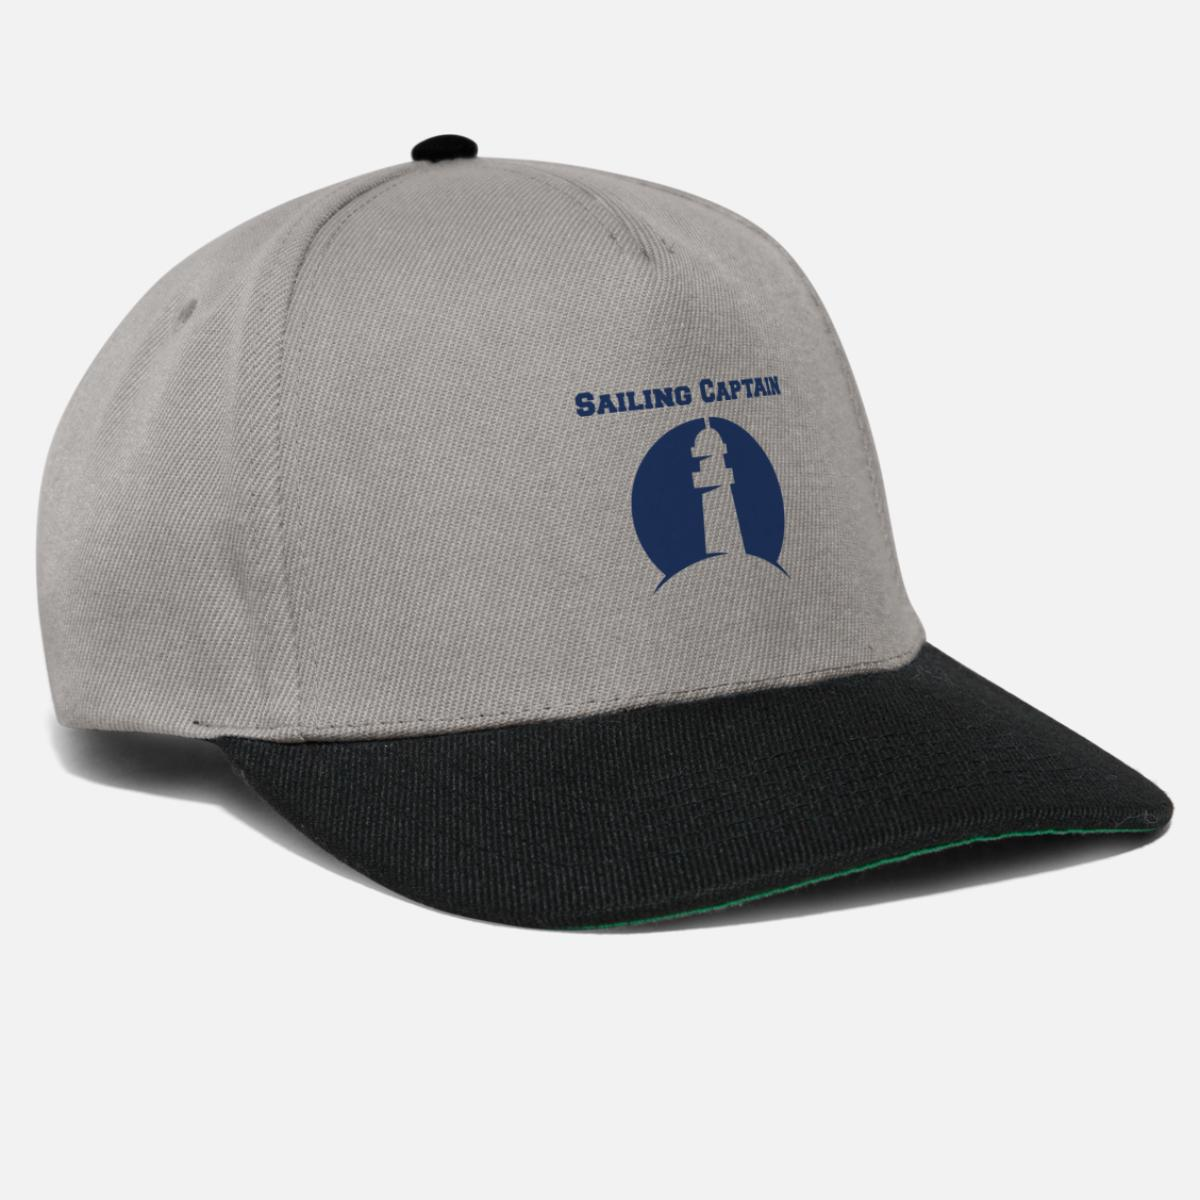 6d57016ea Sailing Captain Captain Sailing Snapback Cap - graphite/black